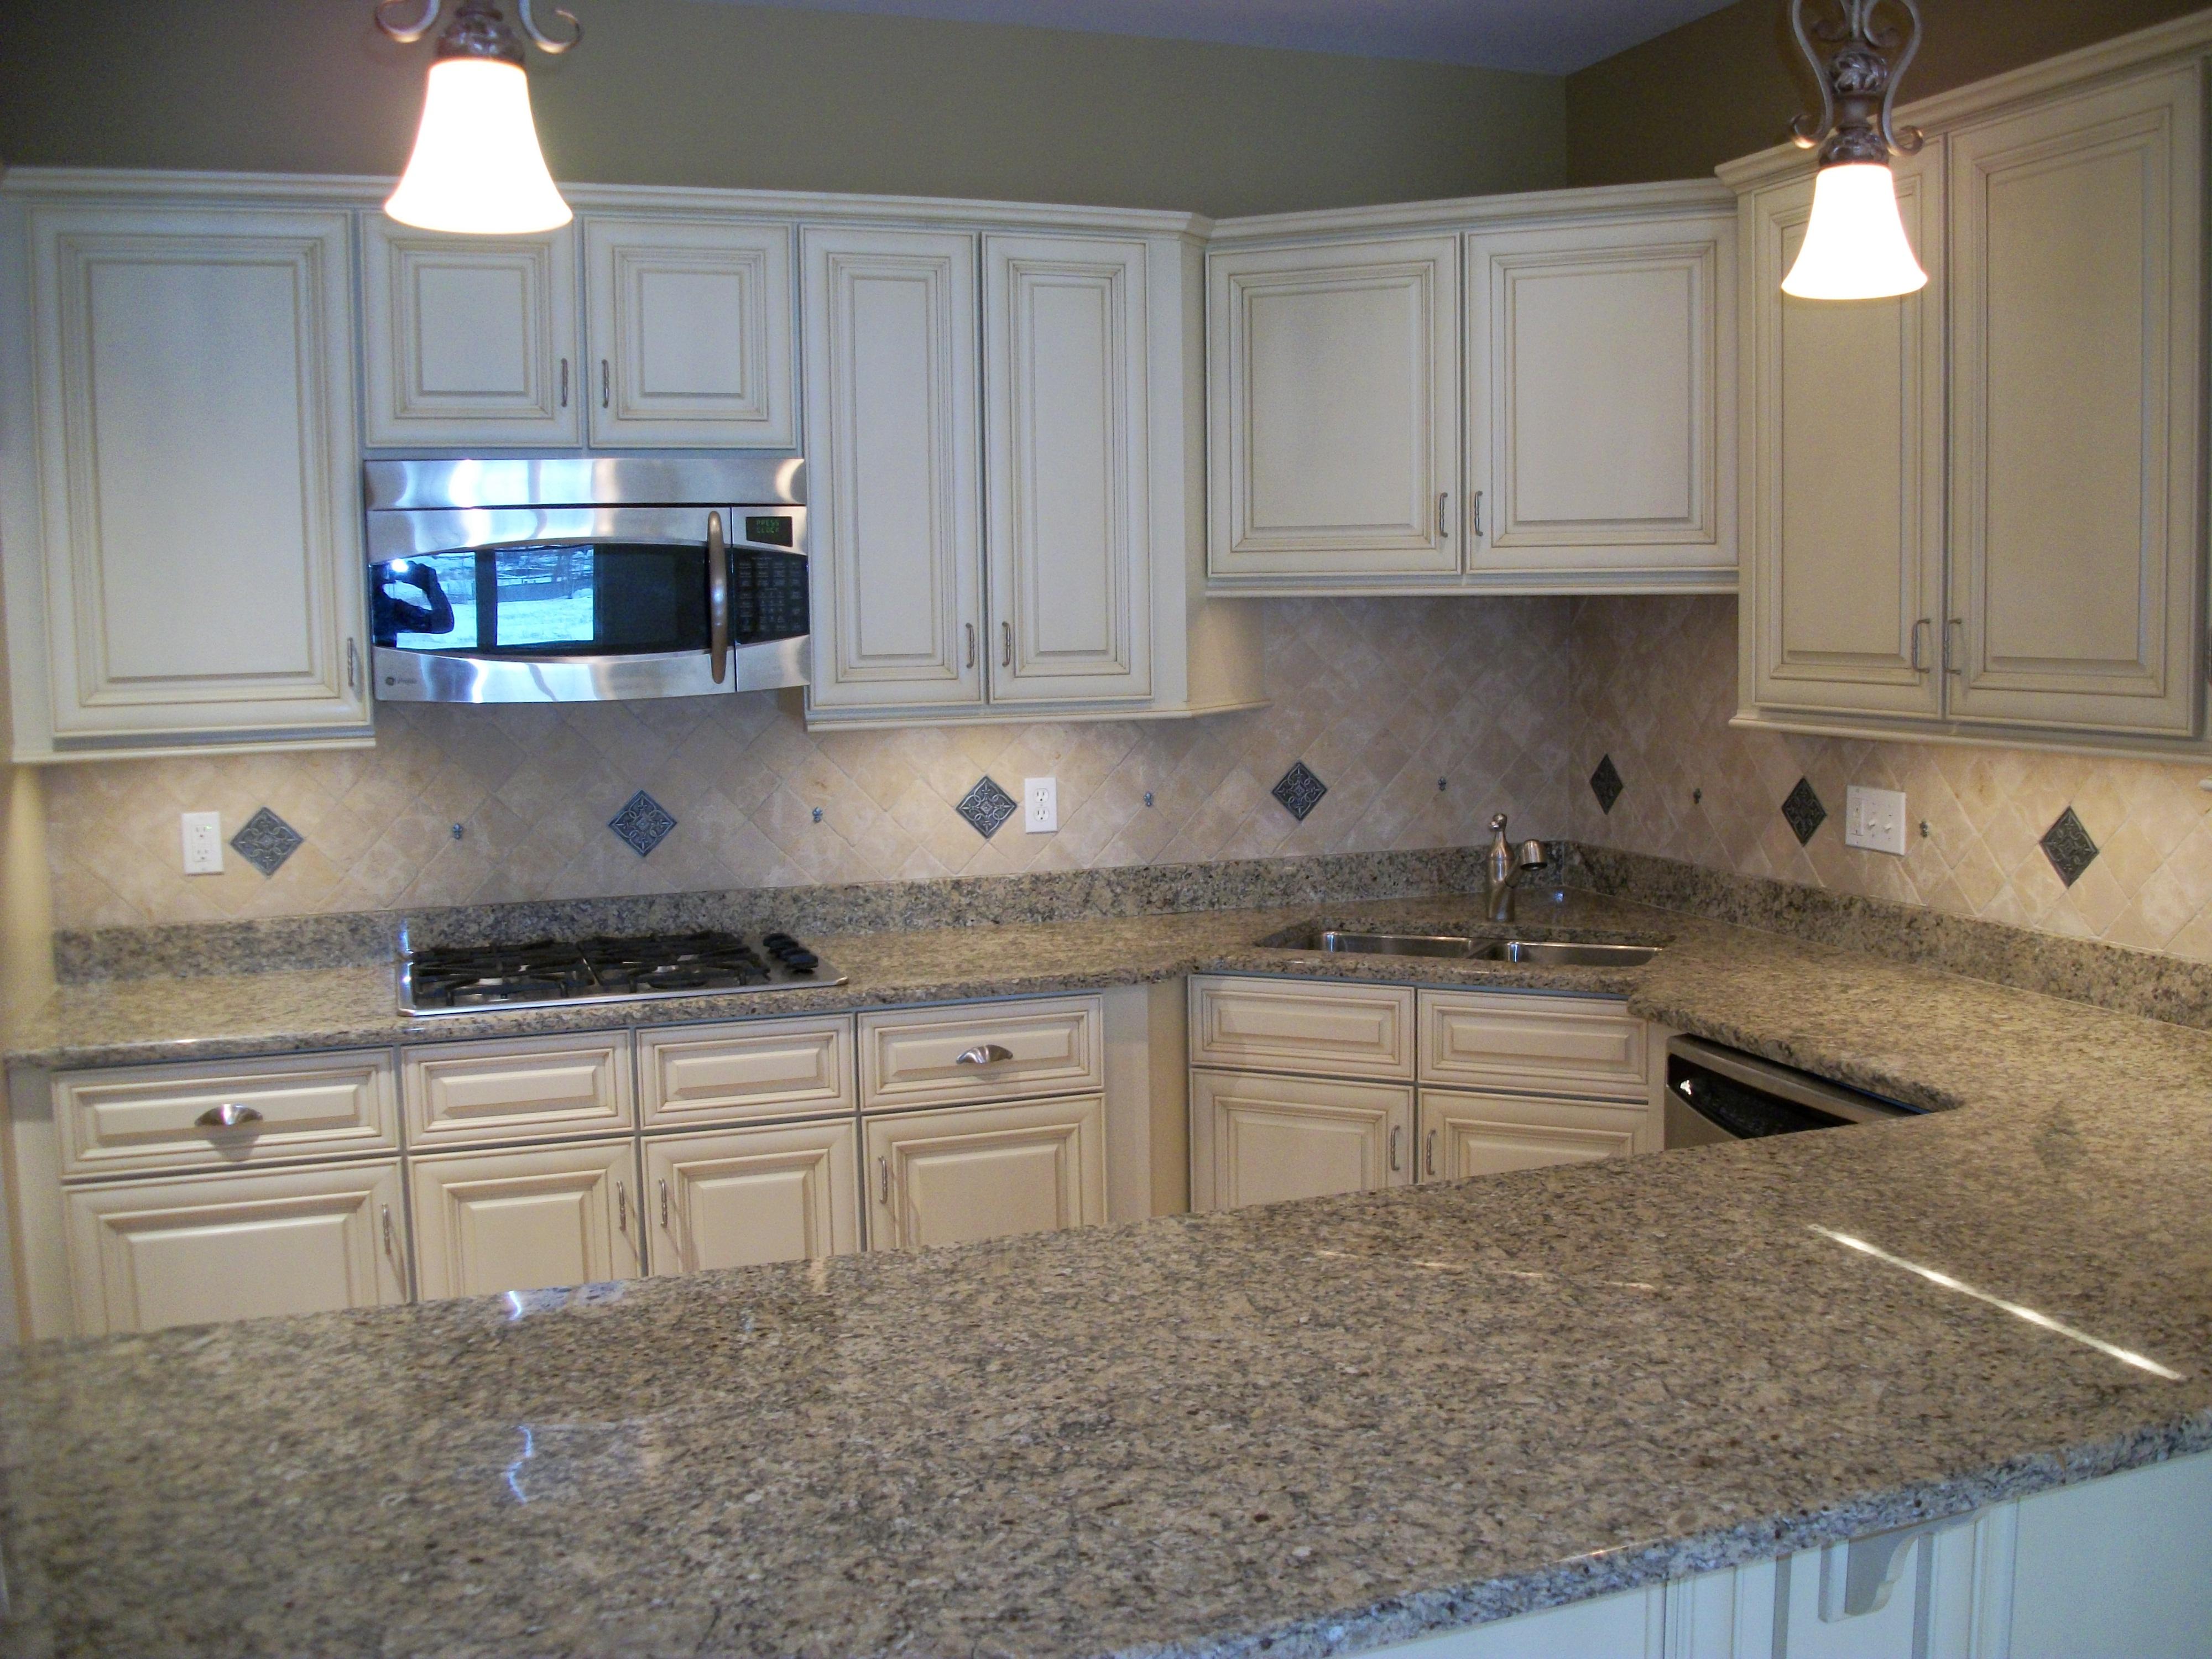 独户住宅 为 销售 在 60 Maple St 60 Maple St 30 布兰福德, 康涅狄格州, 06405 美国